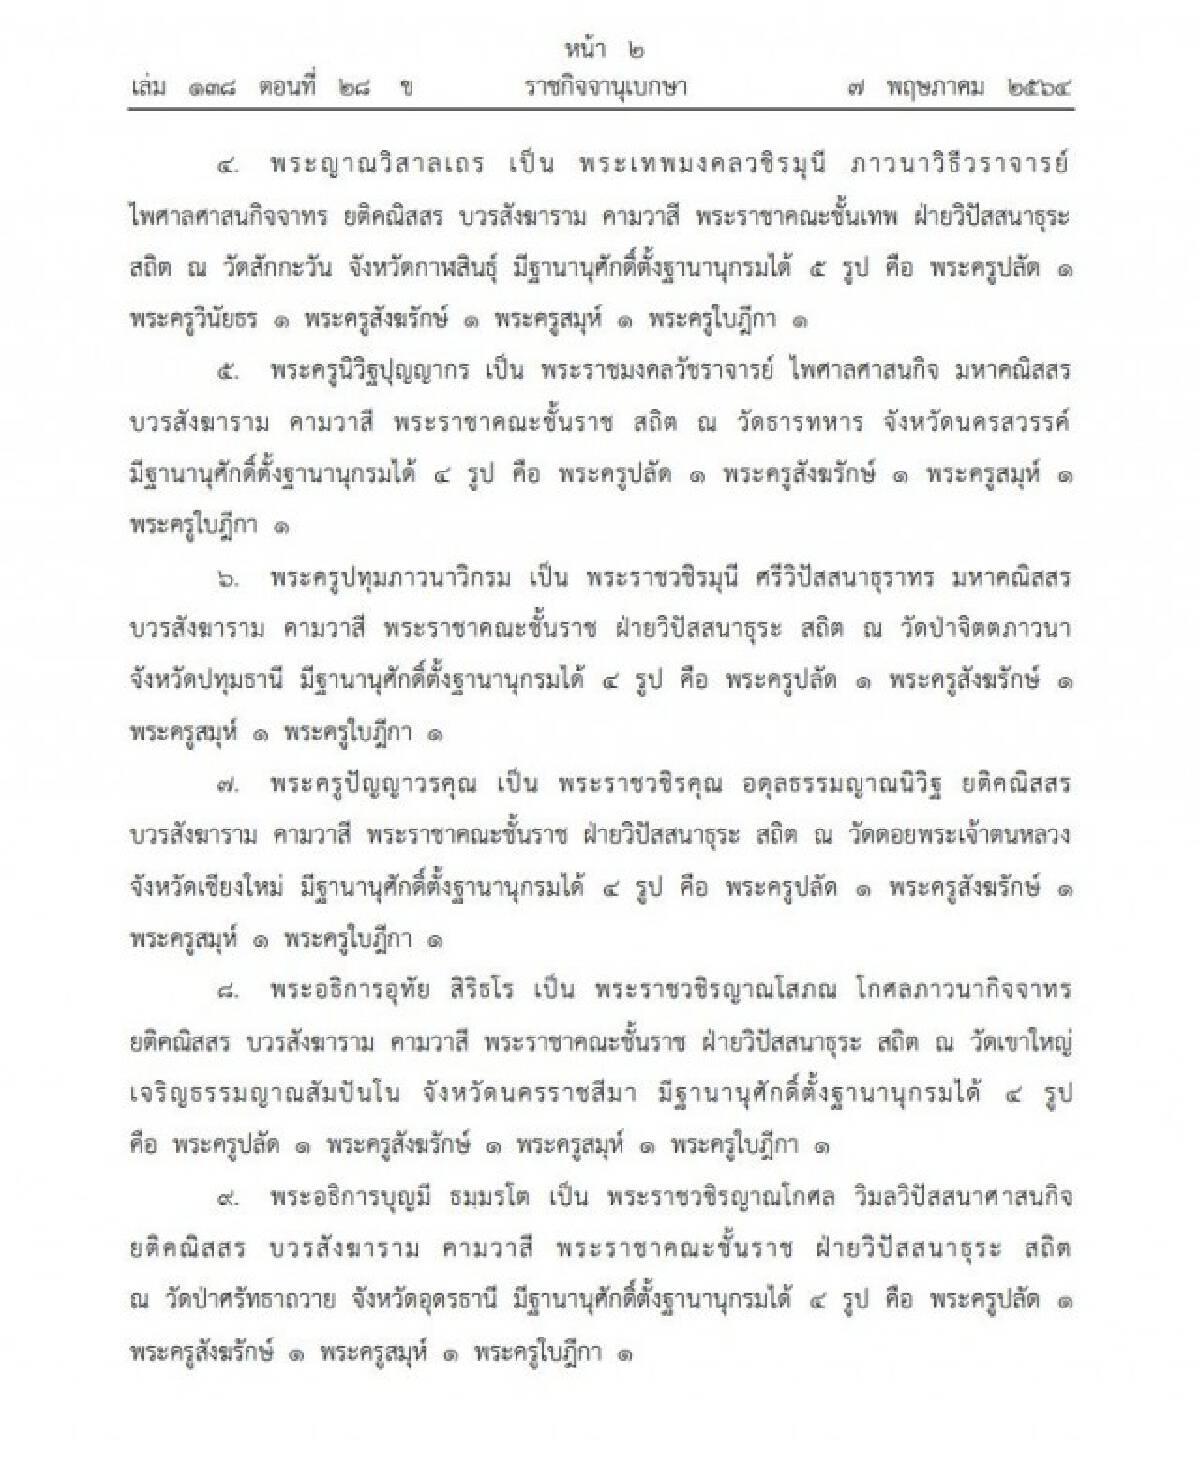 โปรดเกล้าฯ พระราชทานสัญญาบัตรตั้งสมณศักดิ์ 11 พระราชาคณะ